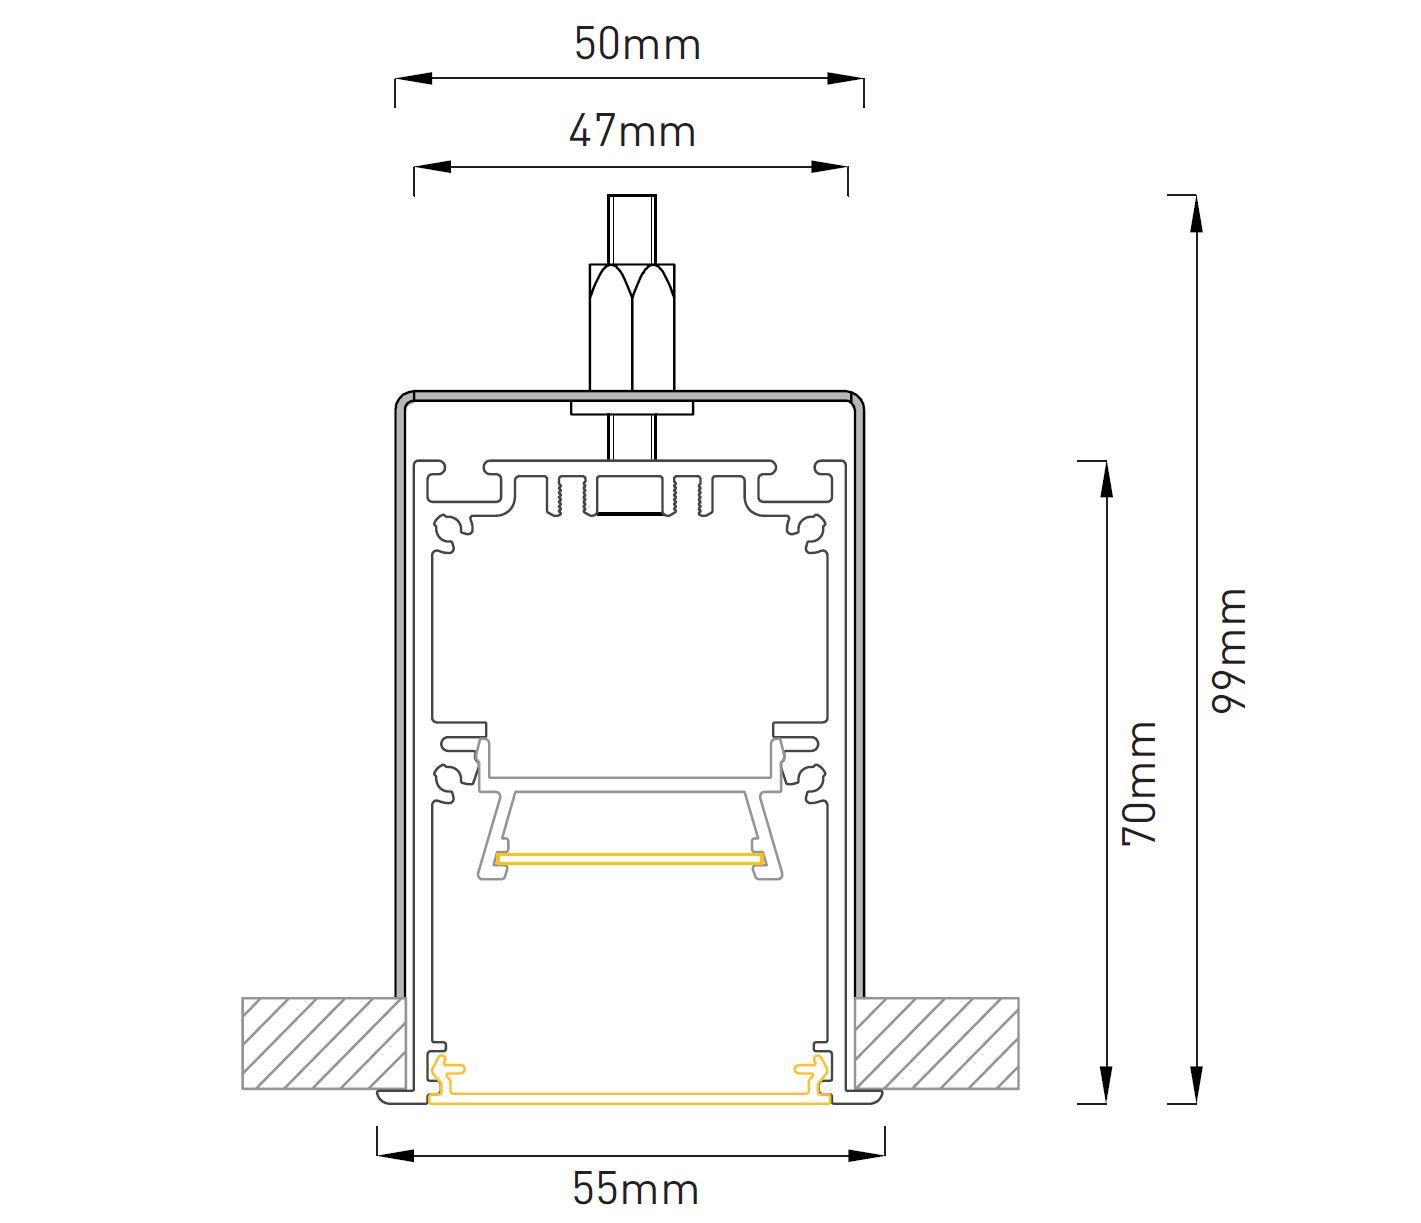 LED Profilleuchte Slot M LTE60 Abmessung